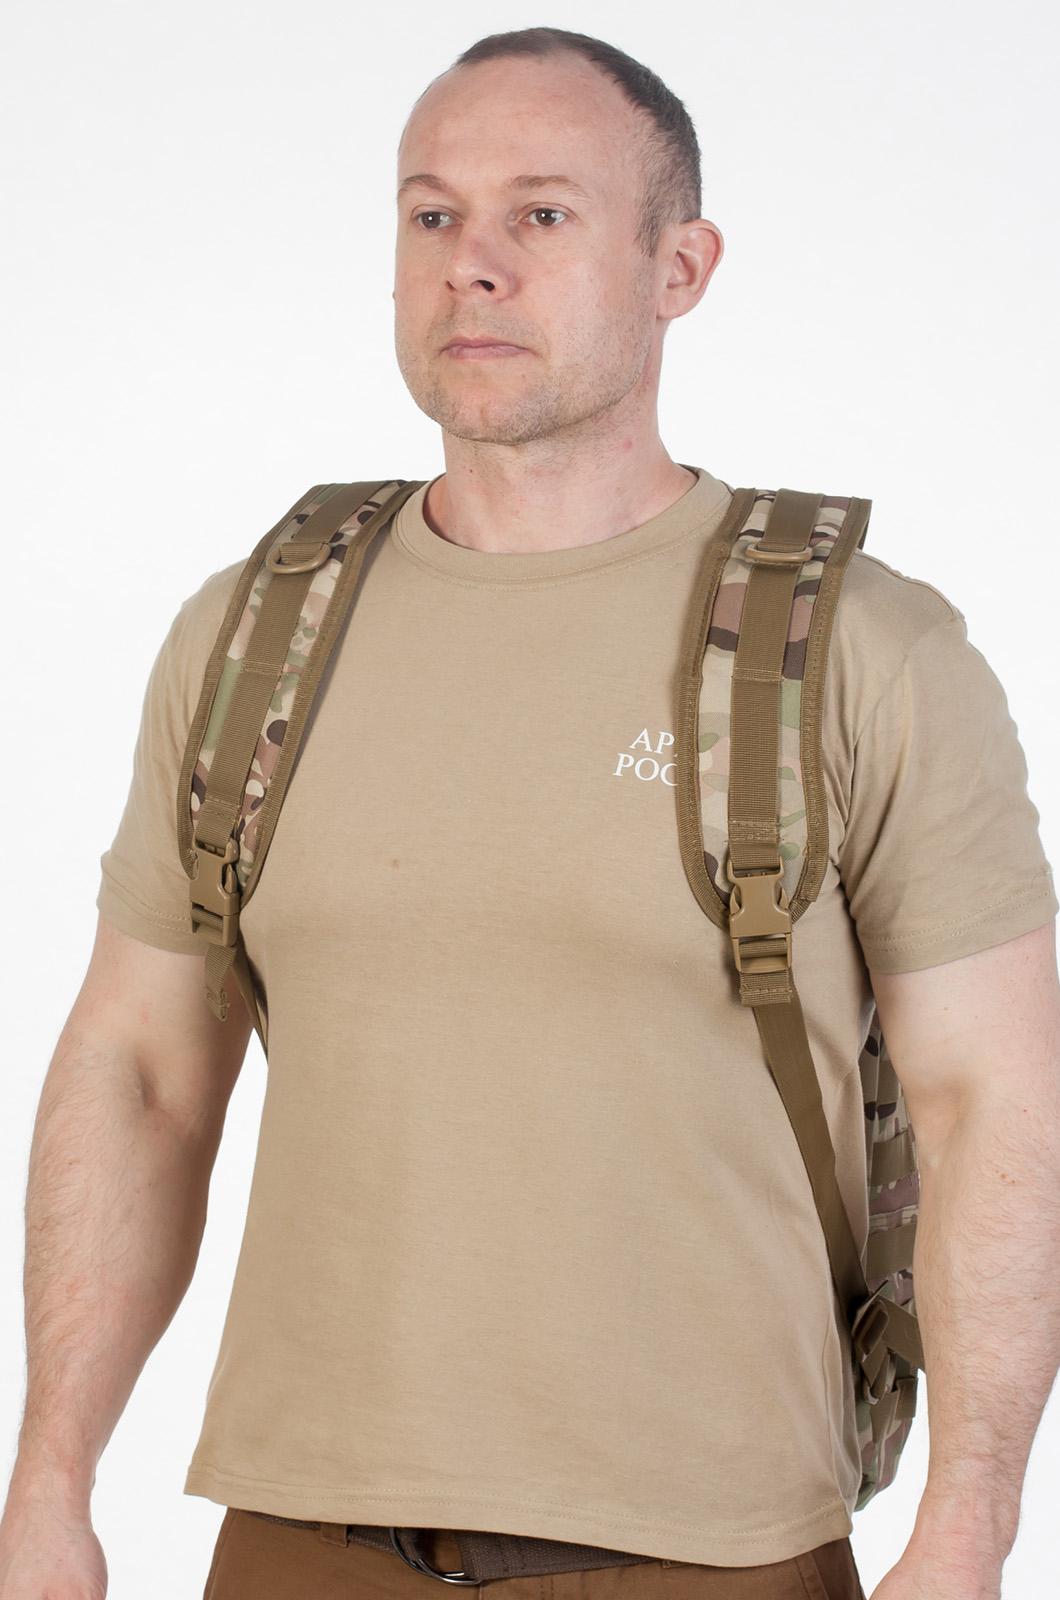 Охотничий камуфляжный рюкзак Русская Охота - заказать онлайн